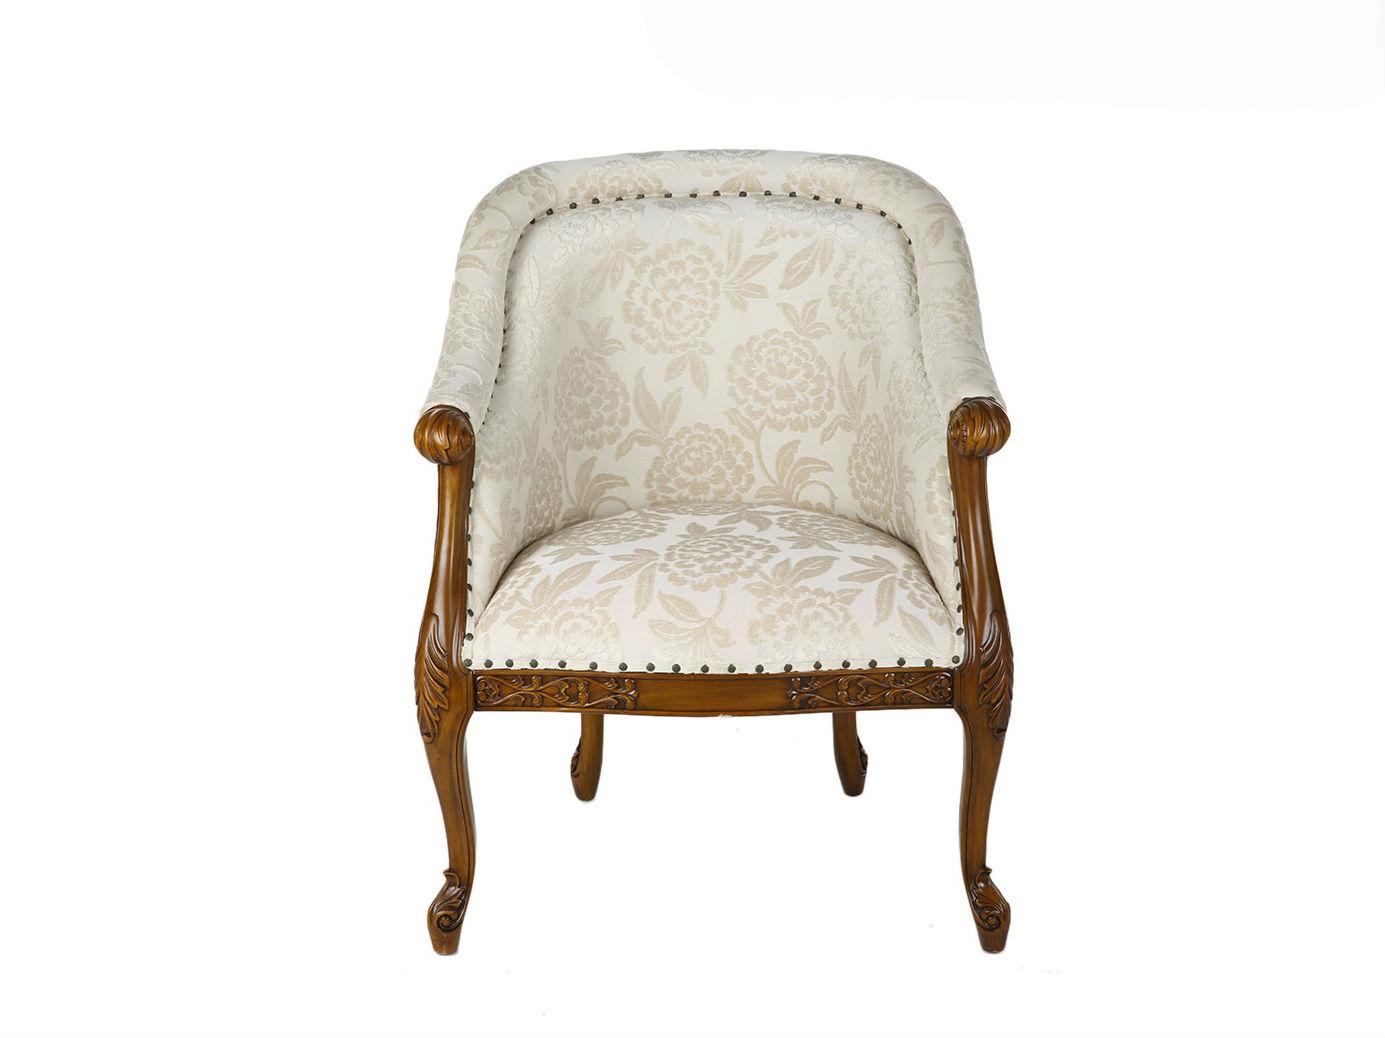 КреслоИнтерьерные кресла<br>Материал: массив красного дерева<br><br>Material: Текстиль<br>Width см: 65<br>Depth см: 70<br>Height см: 103